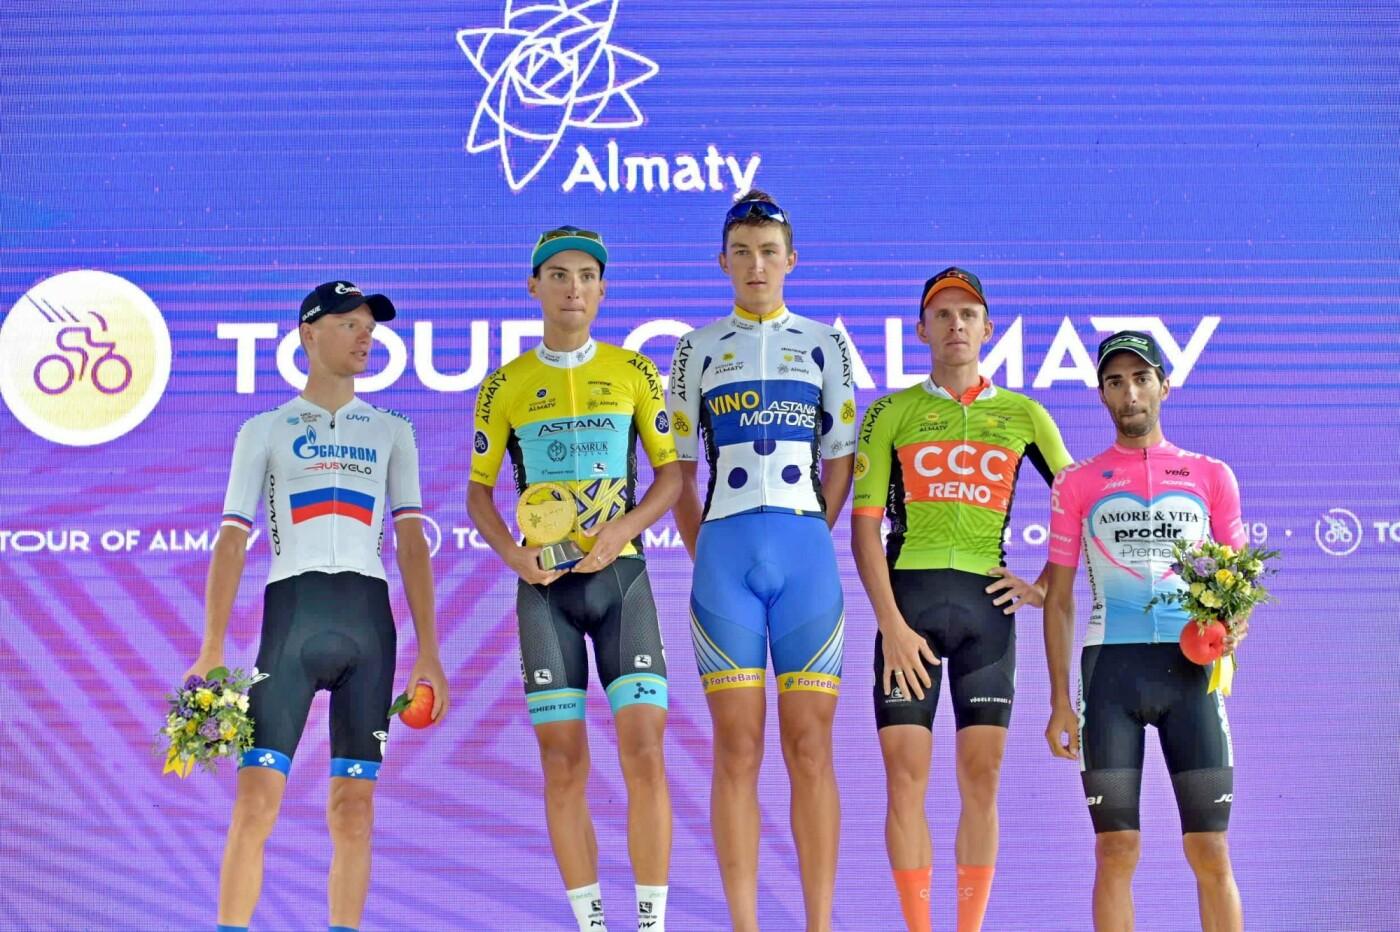 Казахстанец Юрий Натаров выиграл общий зачёт Tour of Almaty , фото-2